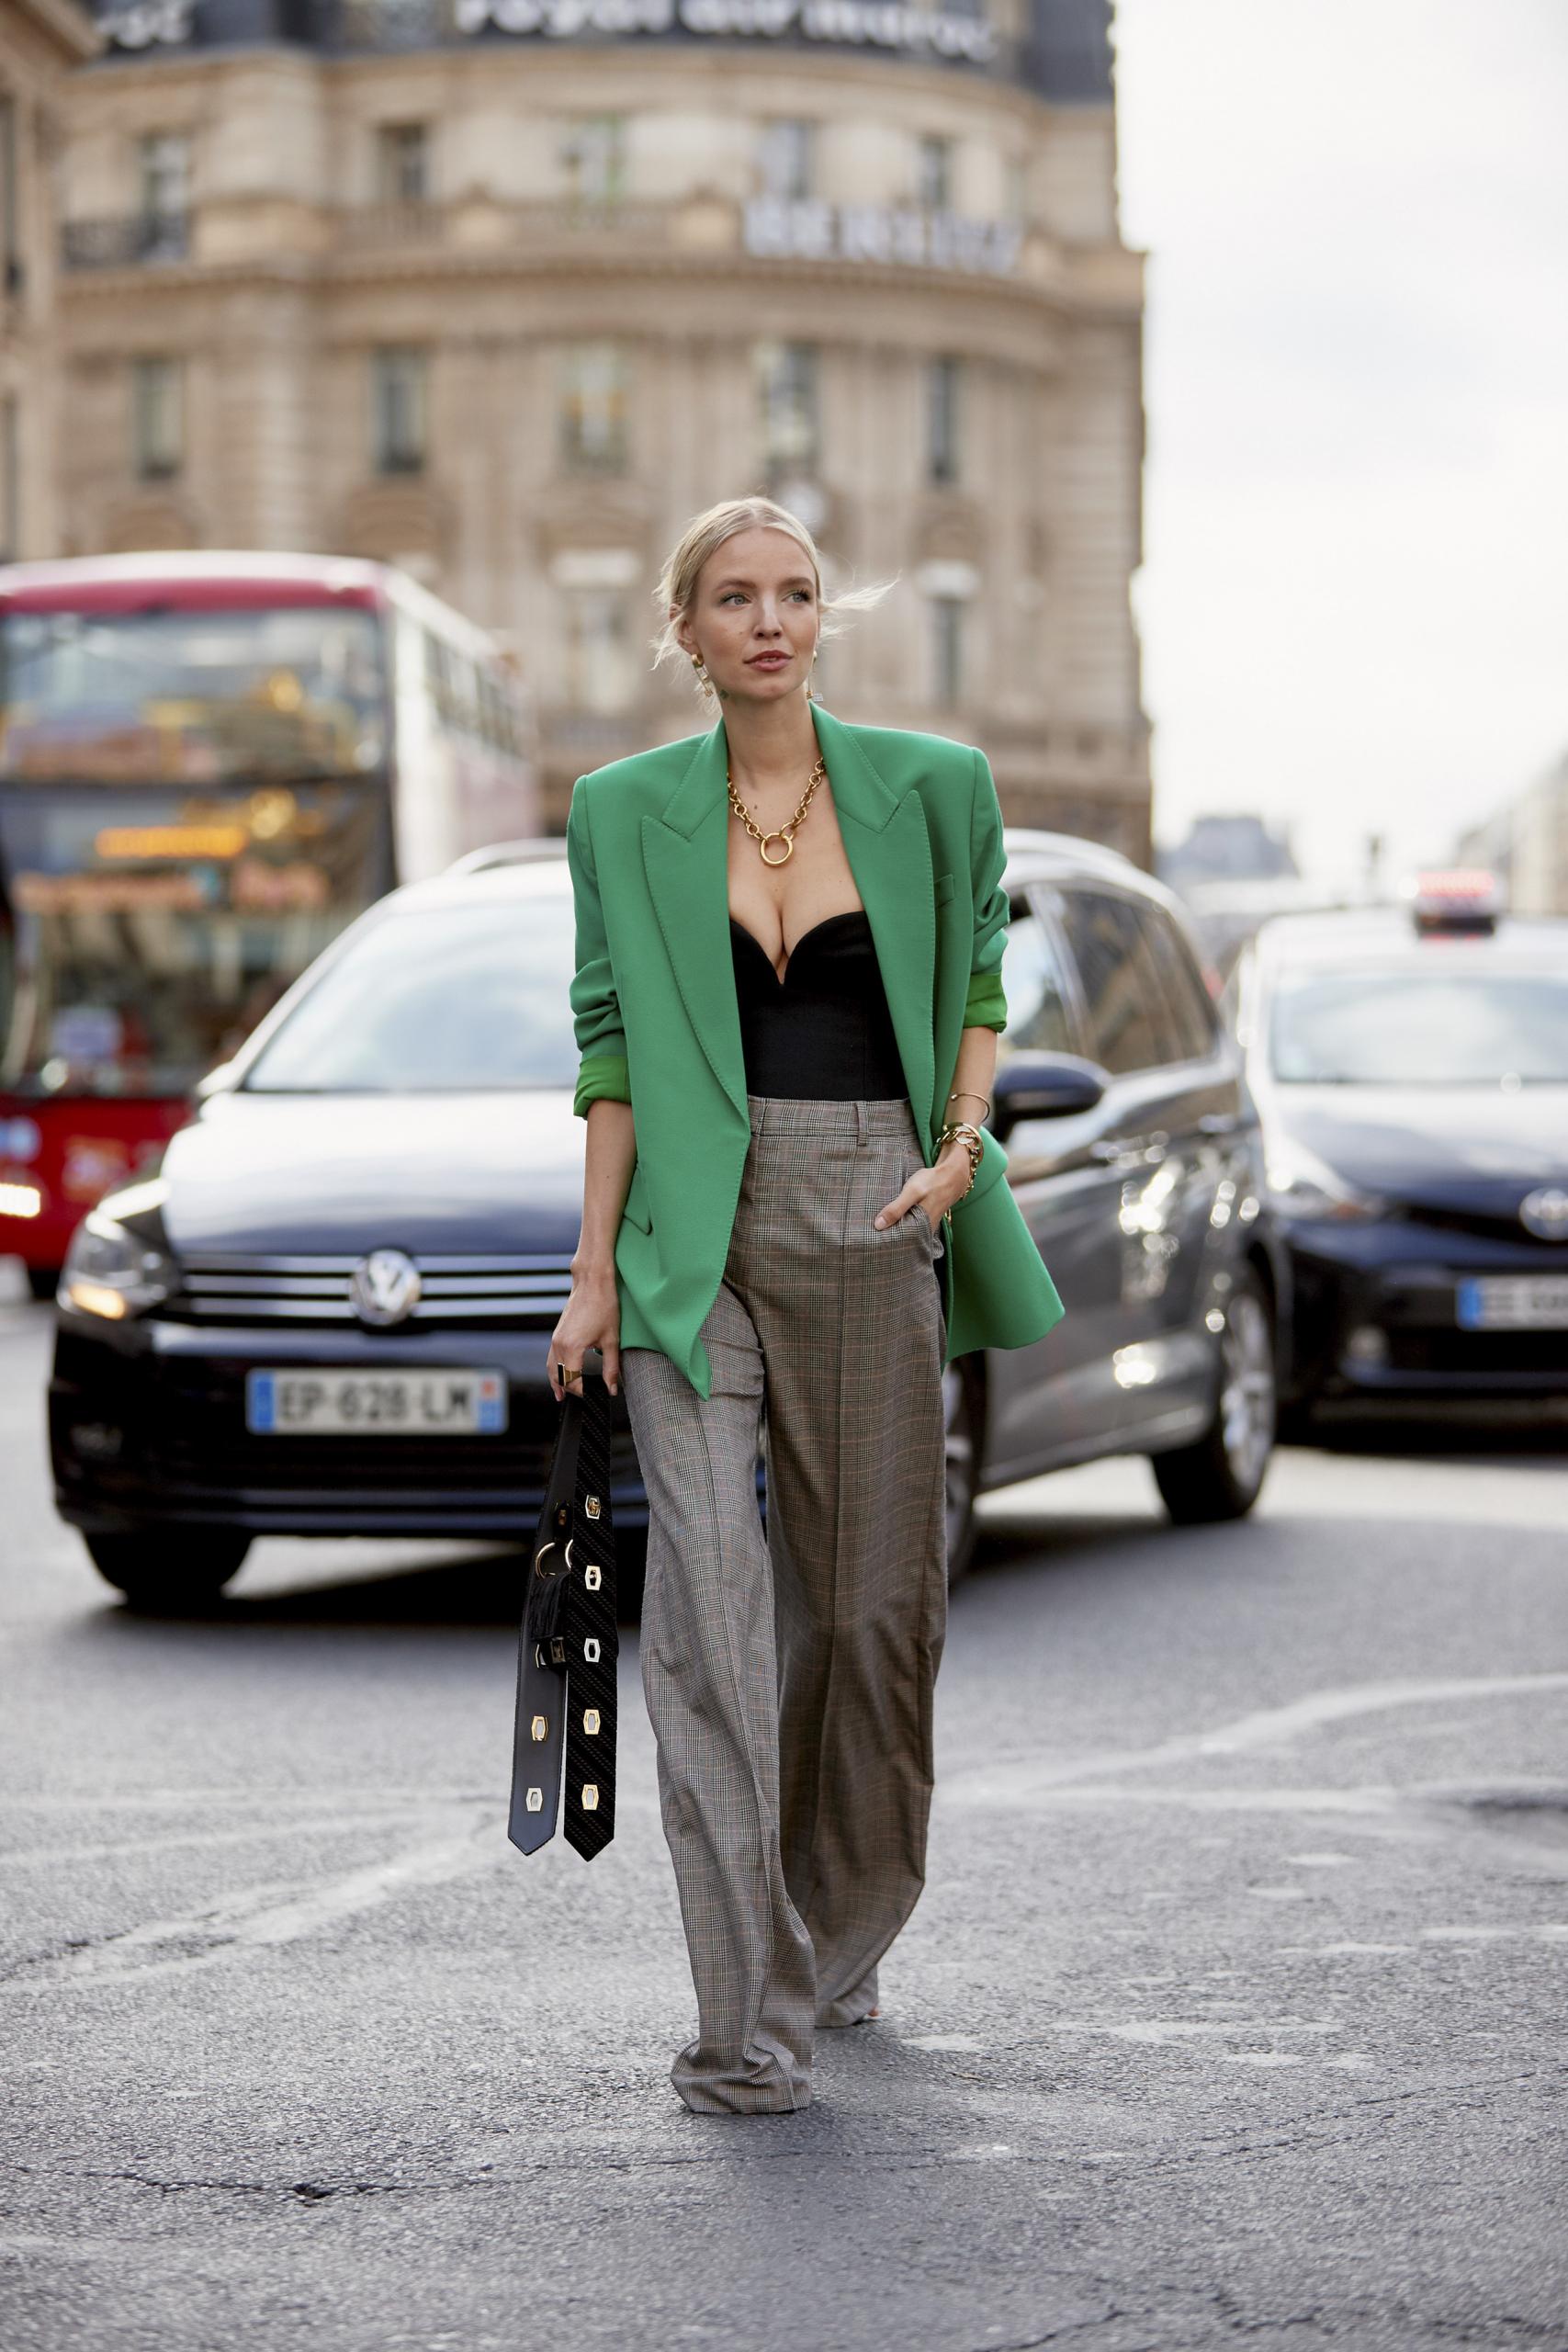 Βγήκαμε για shopping σε Zara, Mango και Η&Μ και αντιγράψαμε το πιο σικ λουκ του street style